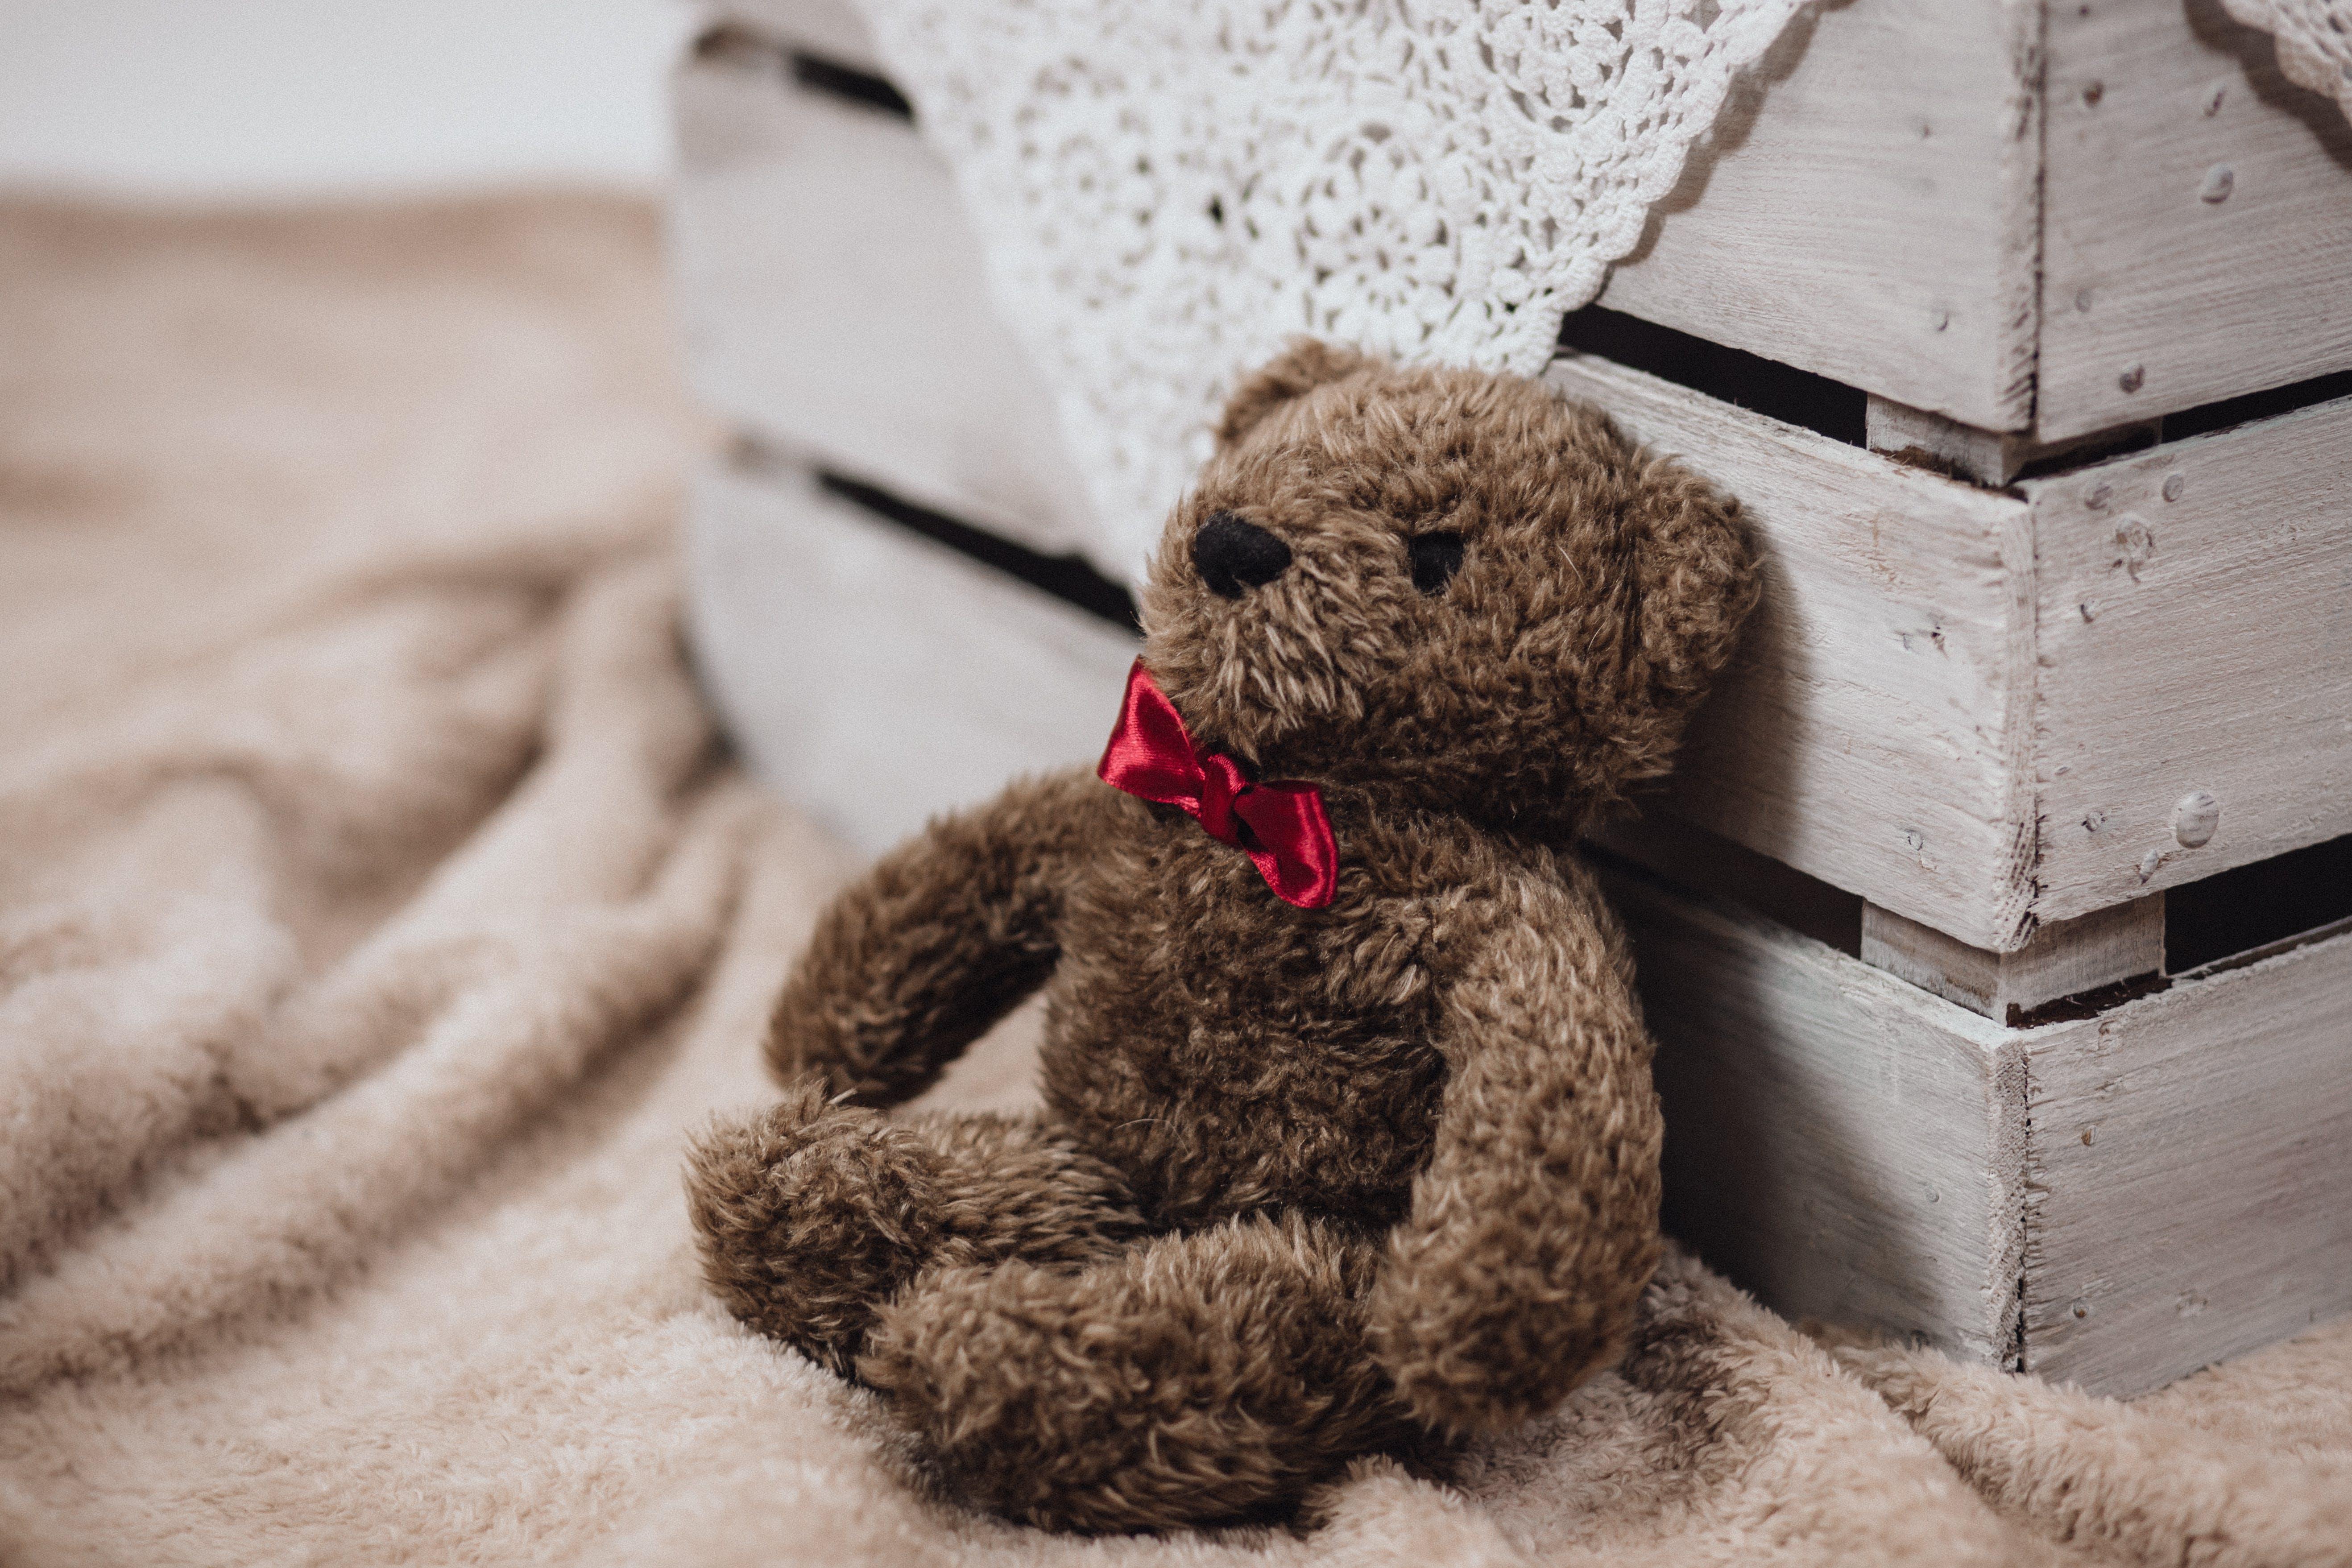 cute, stuffed toy, teddy bear